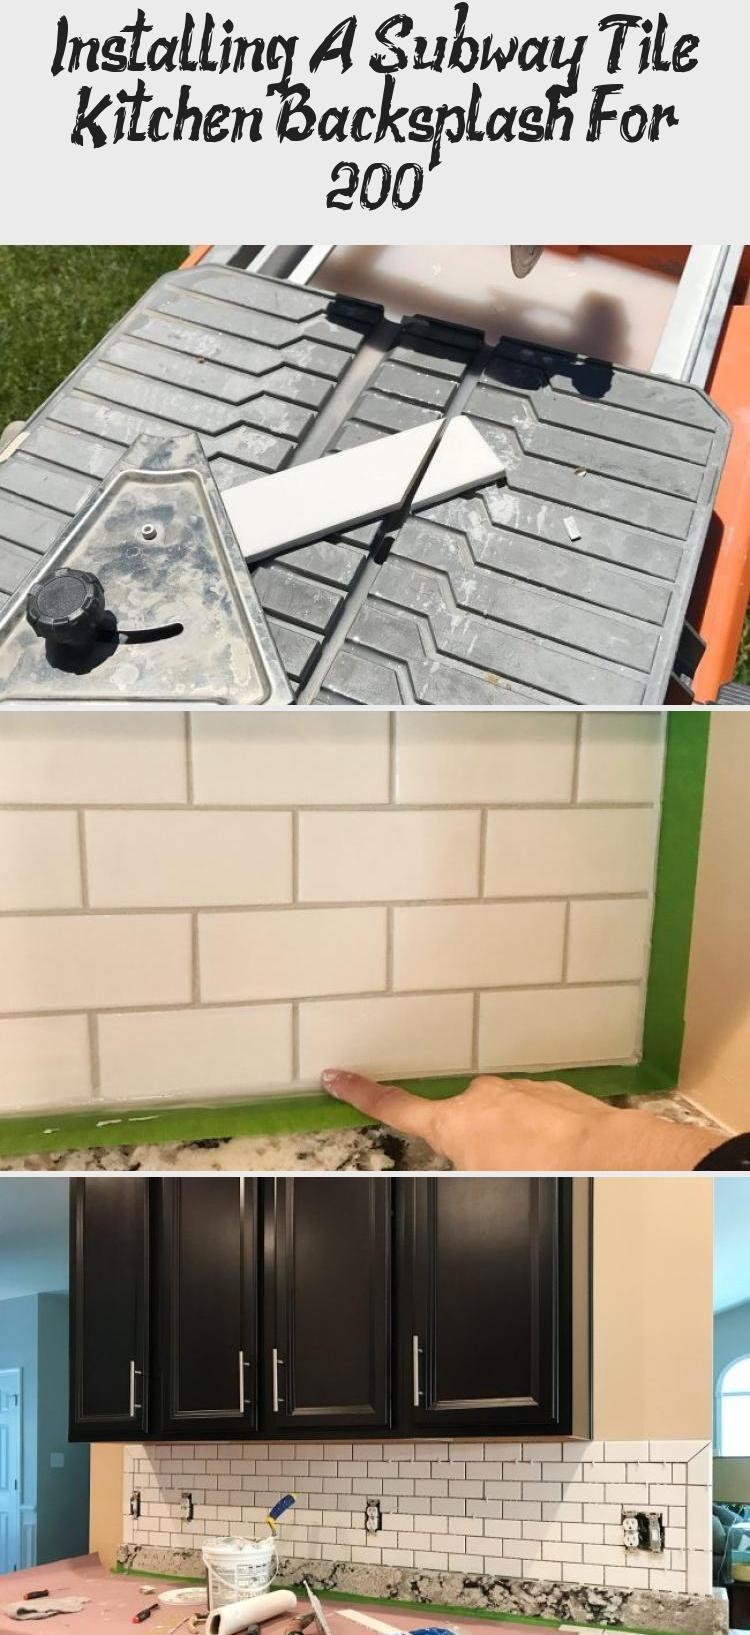 - Installing A Subway Tile Kitchen Backsplash For $200 In 2020